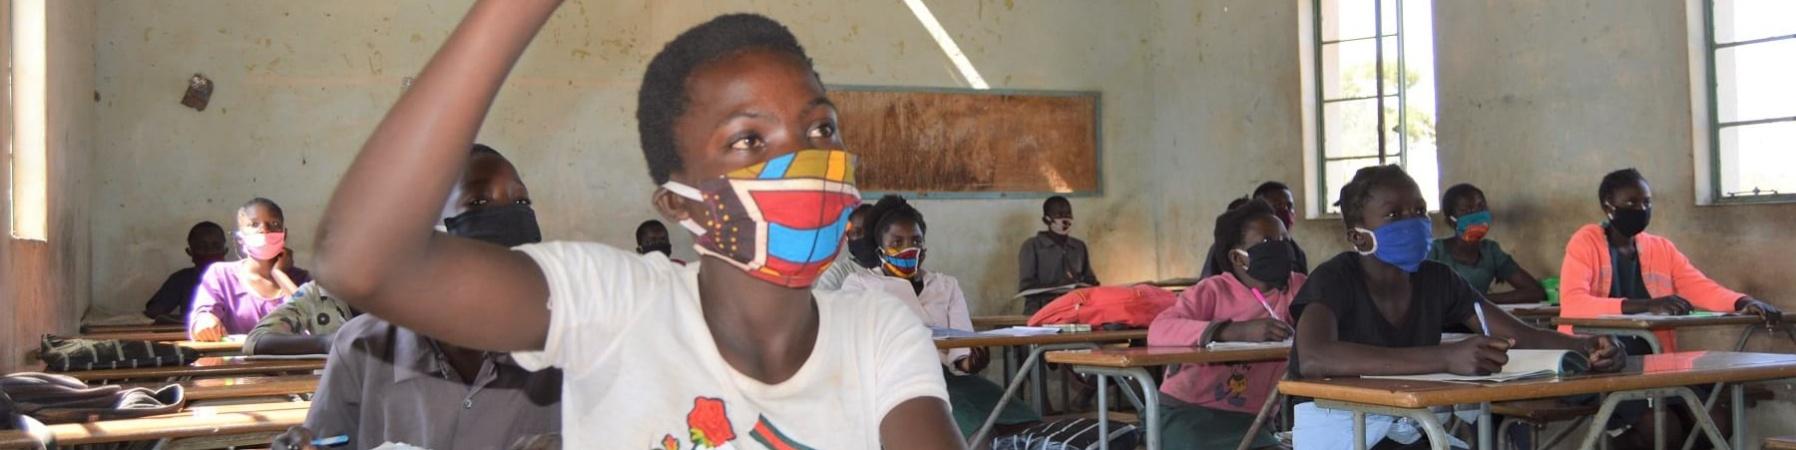 Bambina dello Zambia con la mascherina seduta al banco in classe con mano alzata